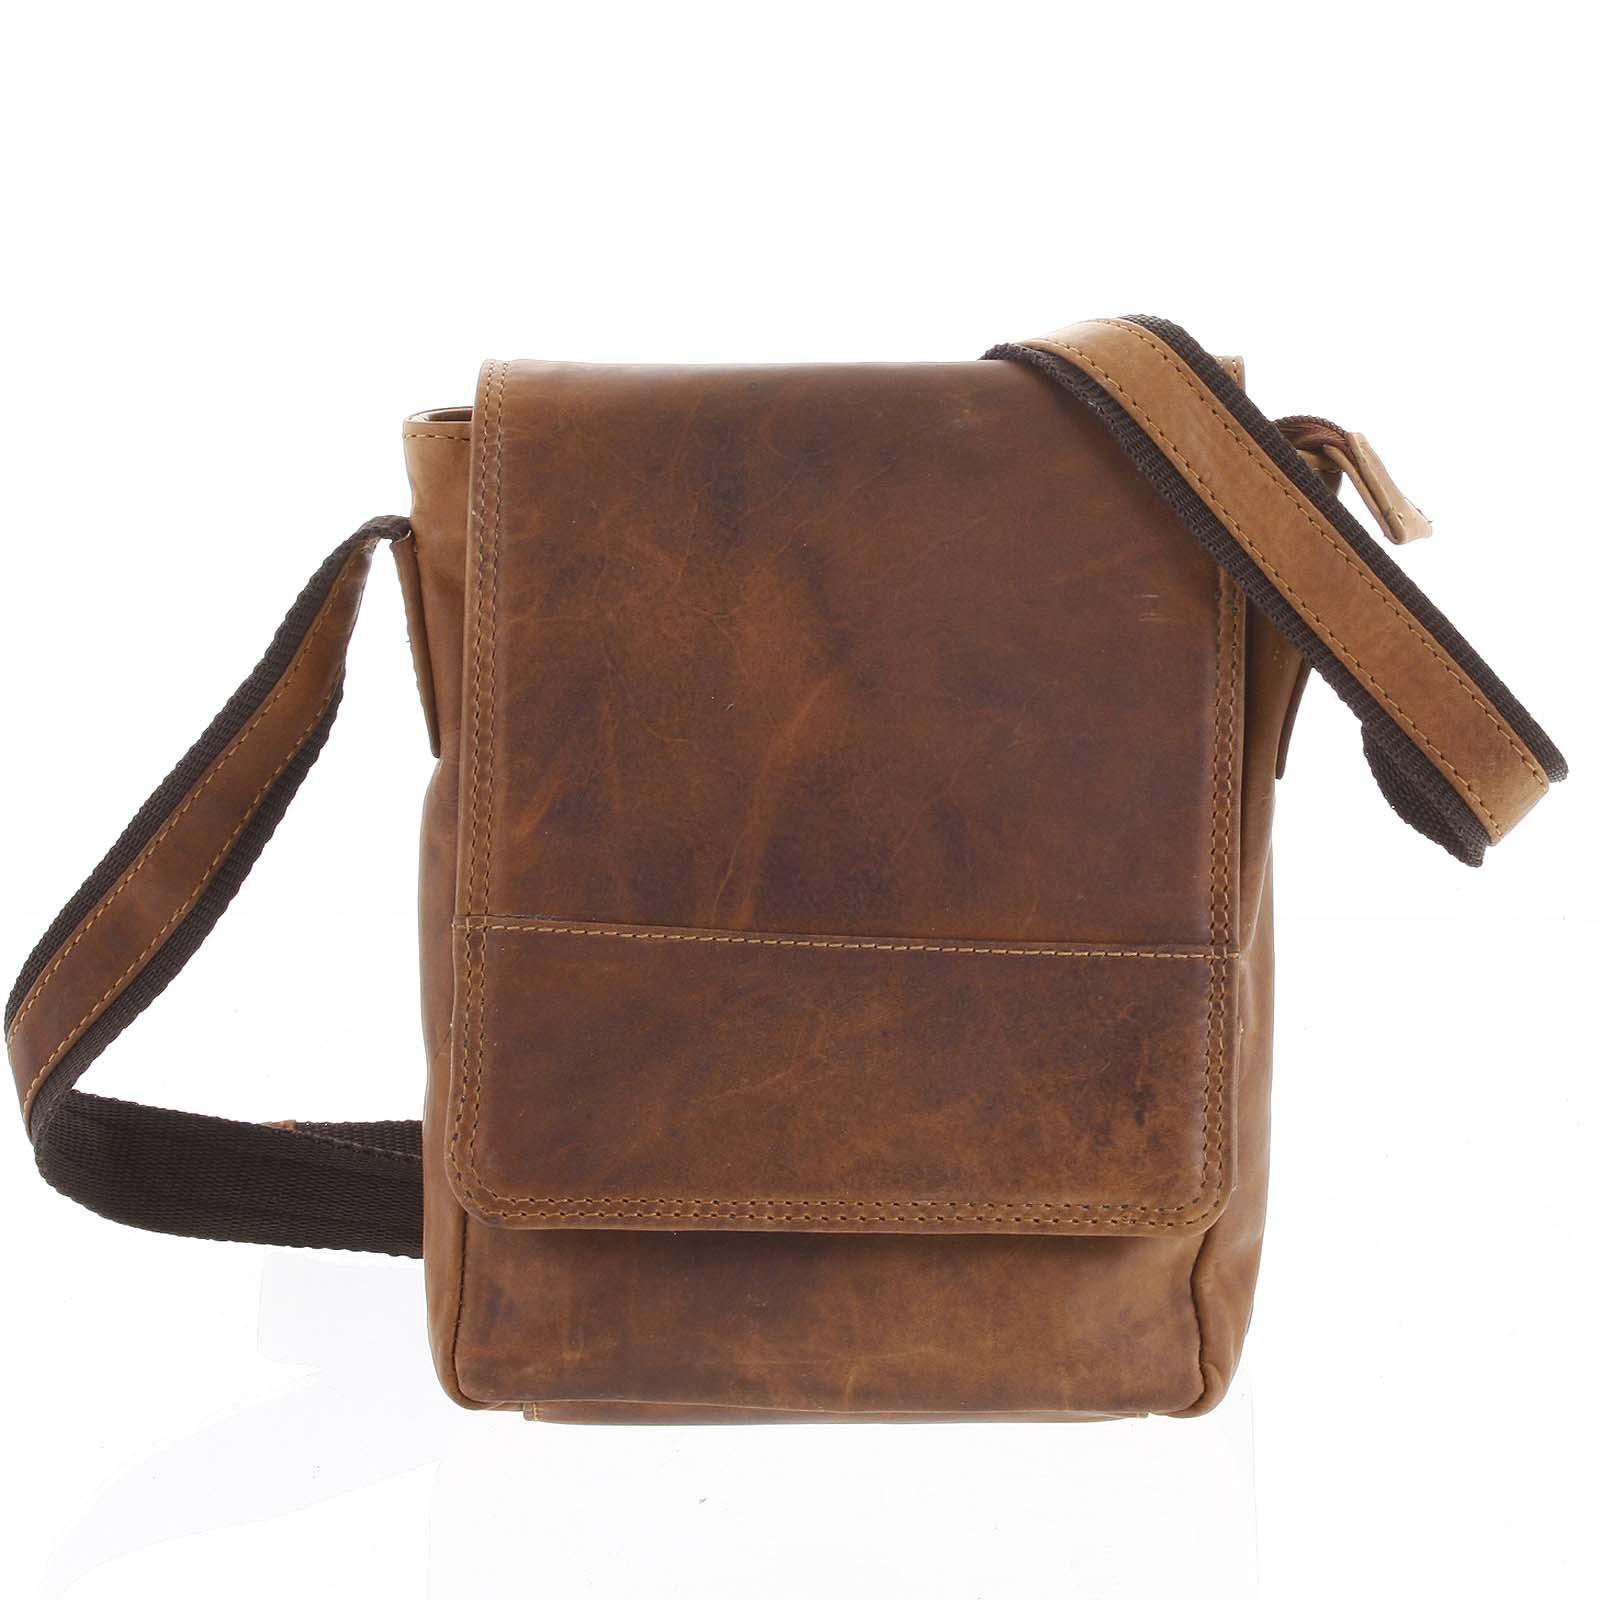 Kožená pánská crossbody taška na doklady světle hnědá 0213